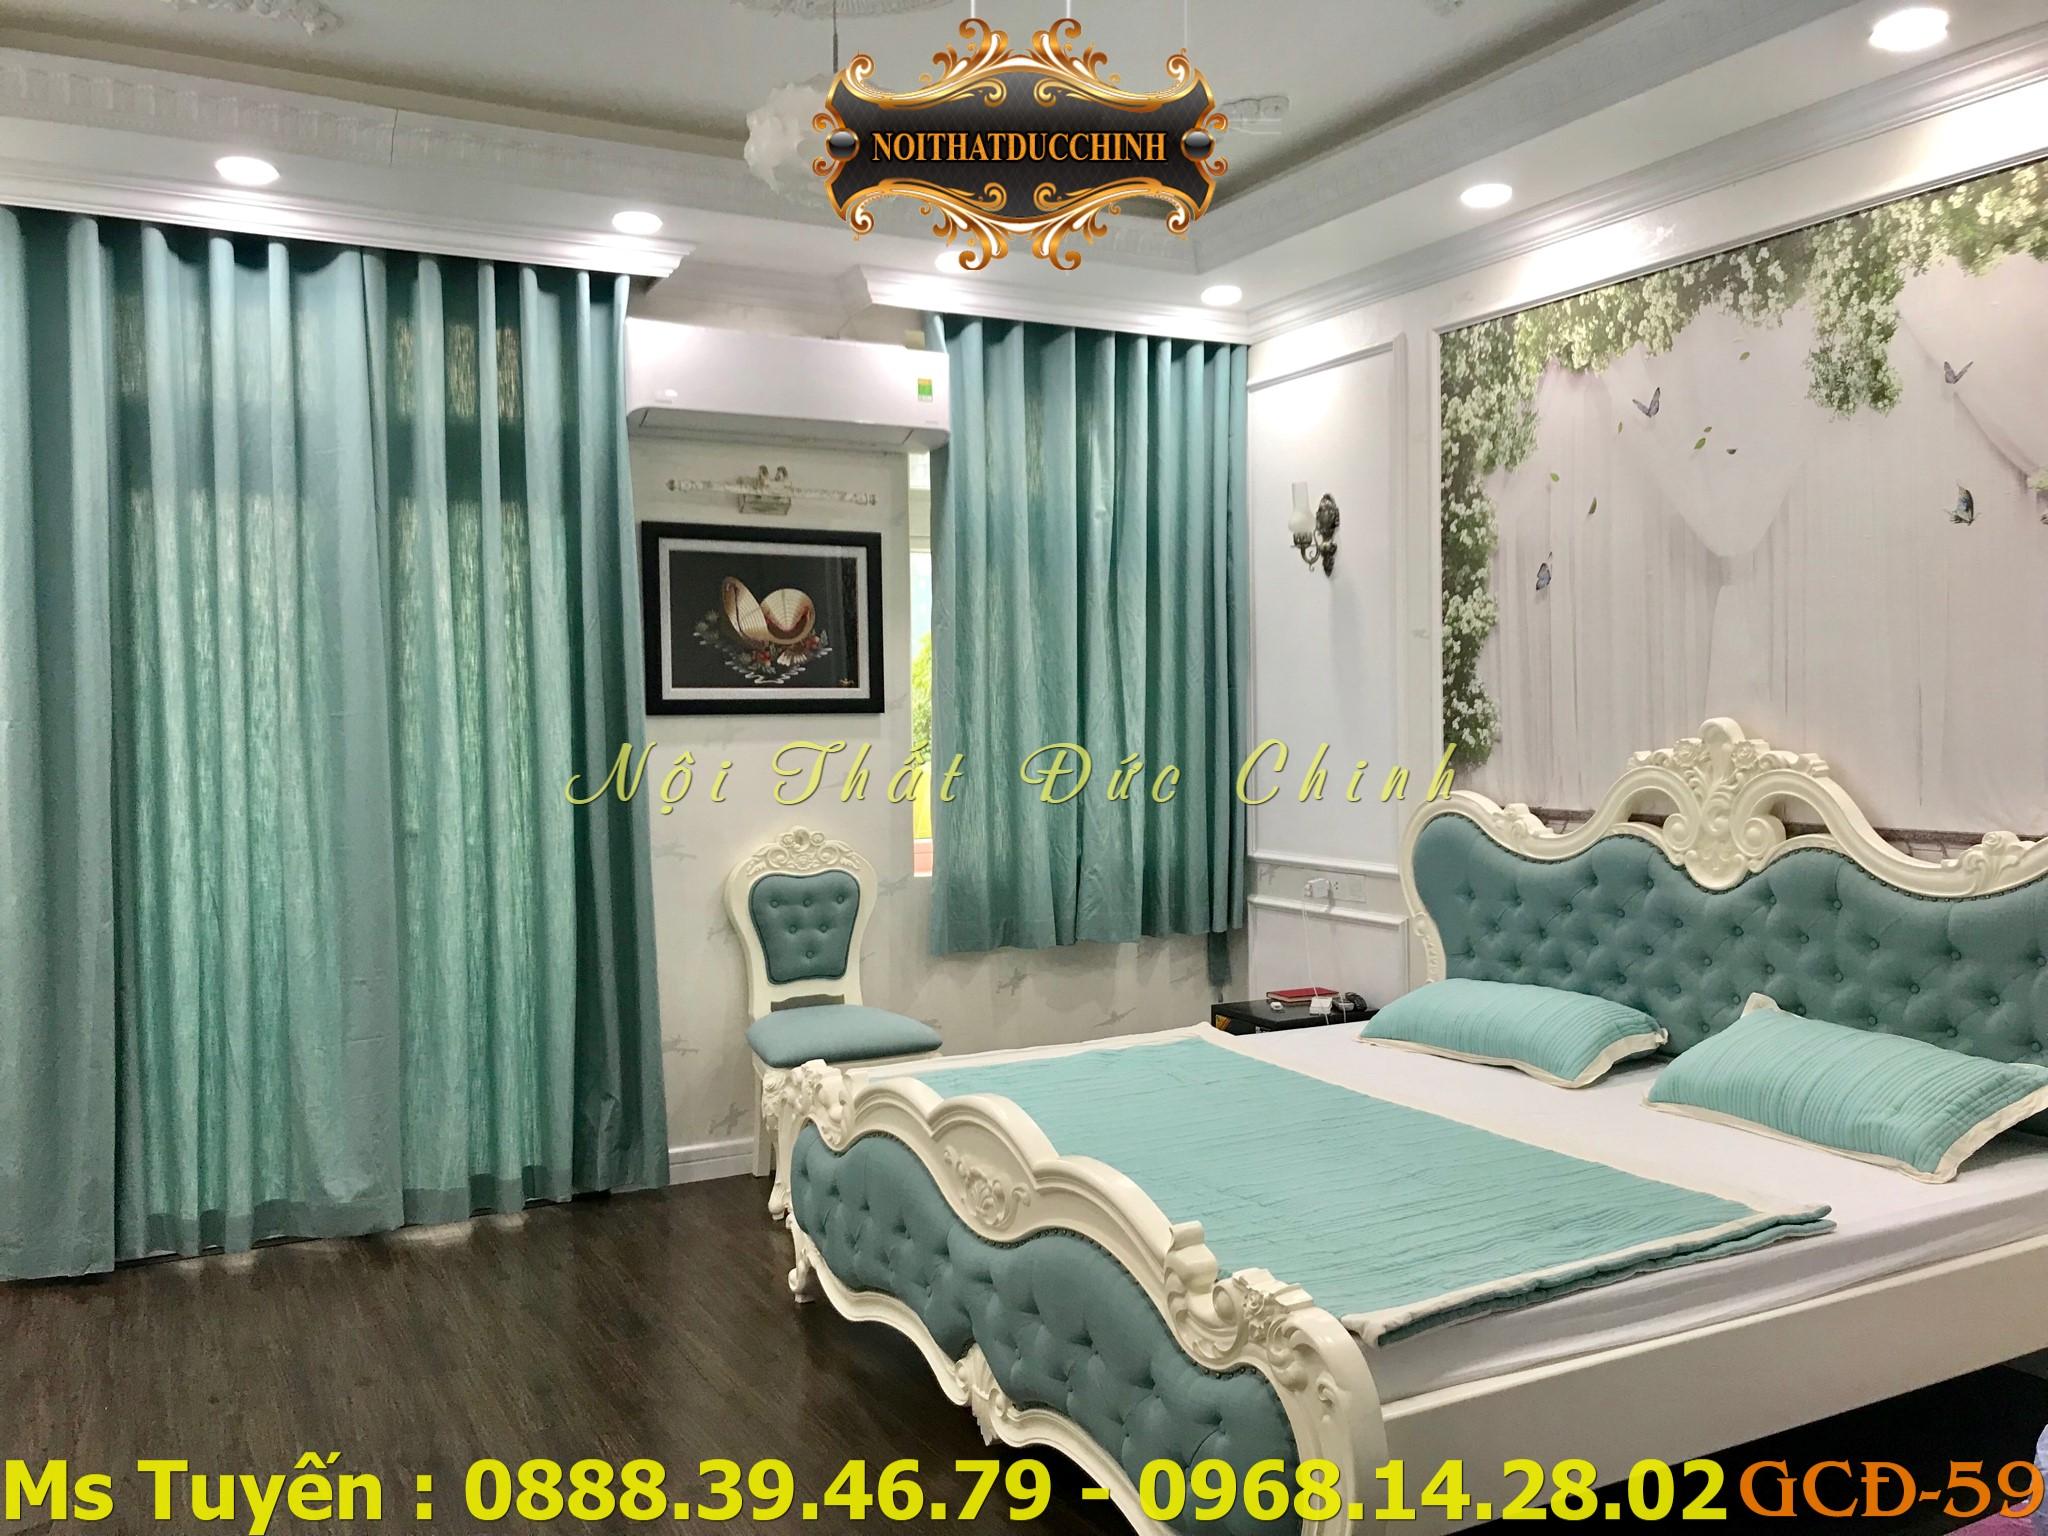 12 Giường ngủ tân cổ điển giá rẻ - giường ngủ phong cách cổ điển Châu Âu q2, q7